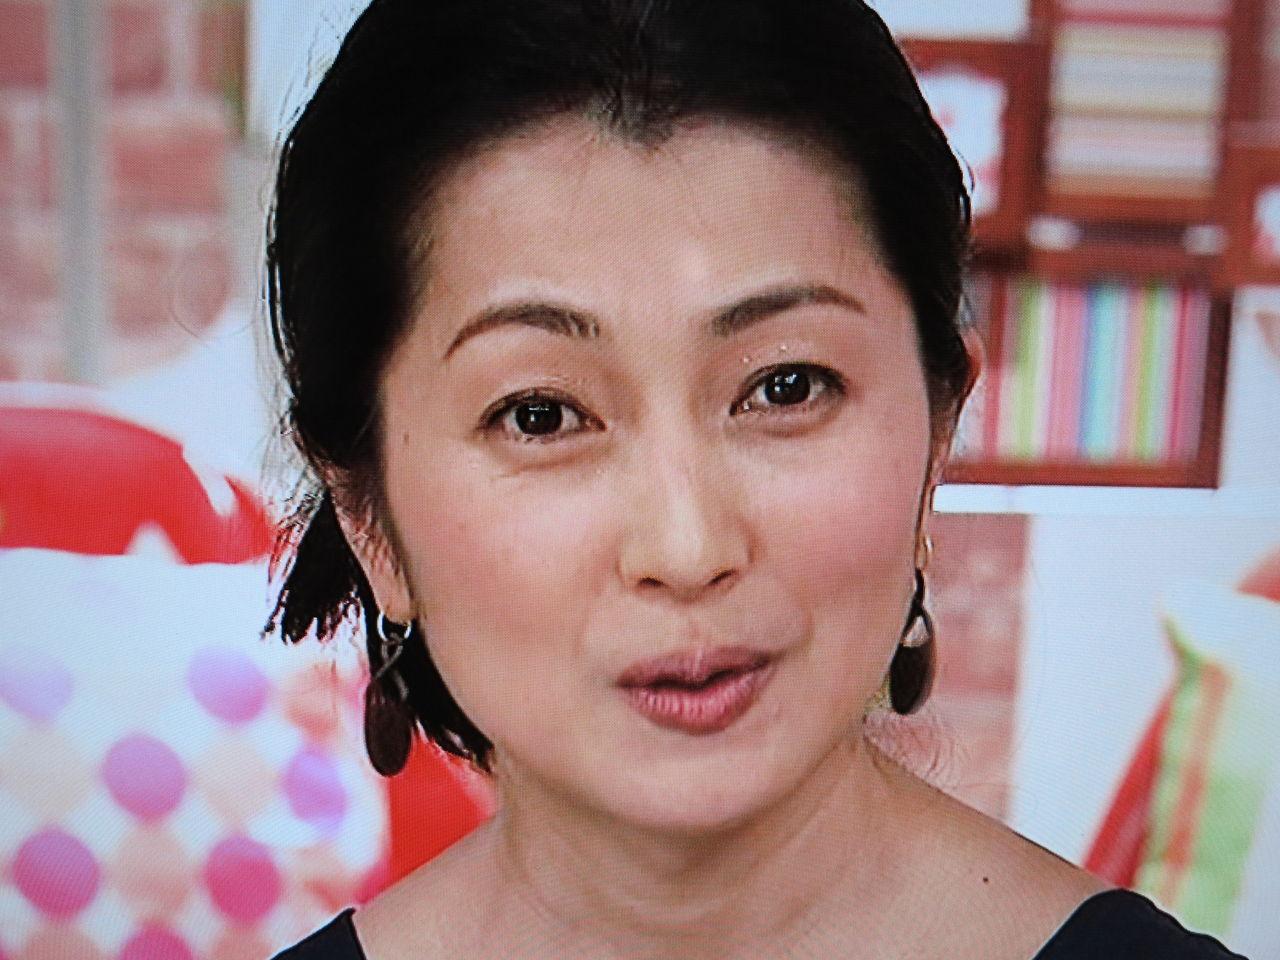 顔の肌がきれいな鶴田真由さん